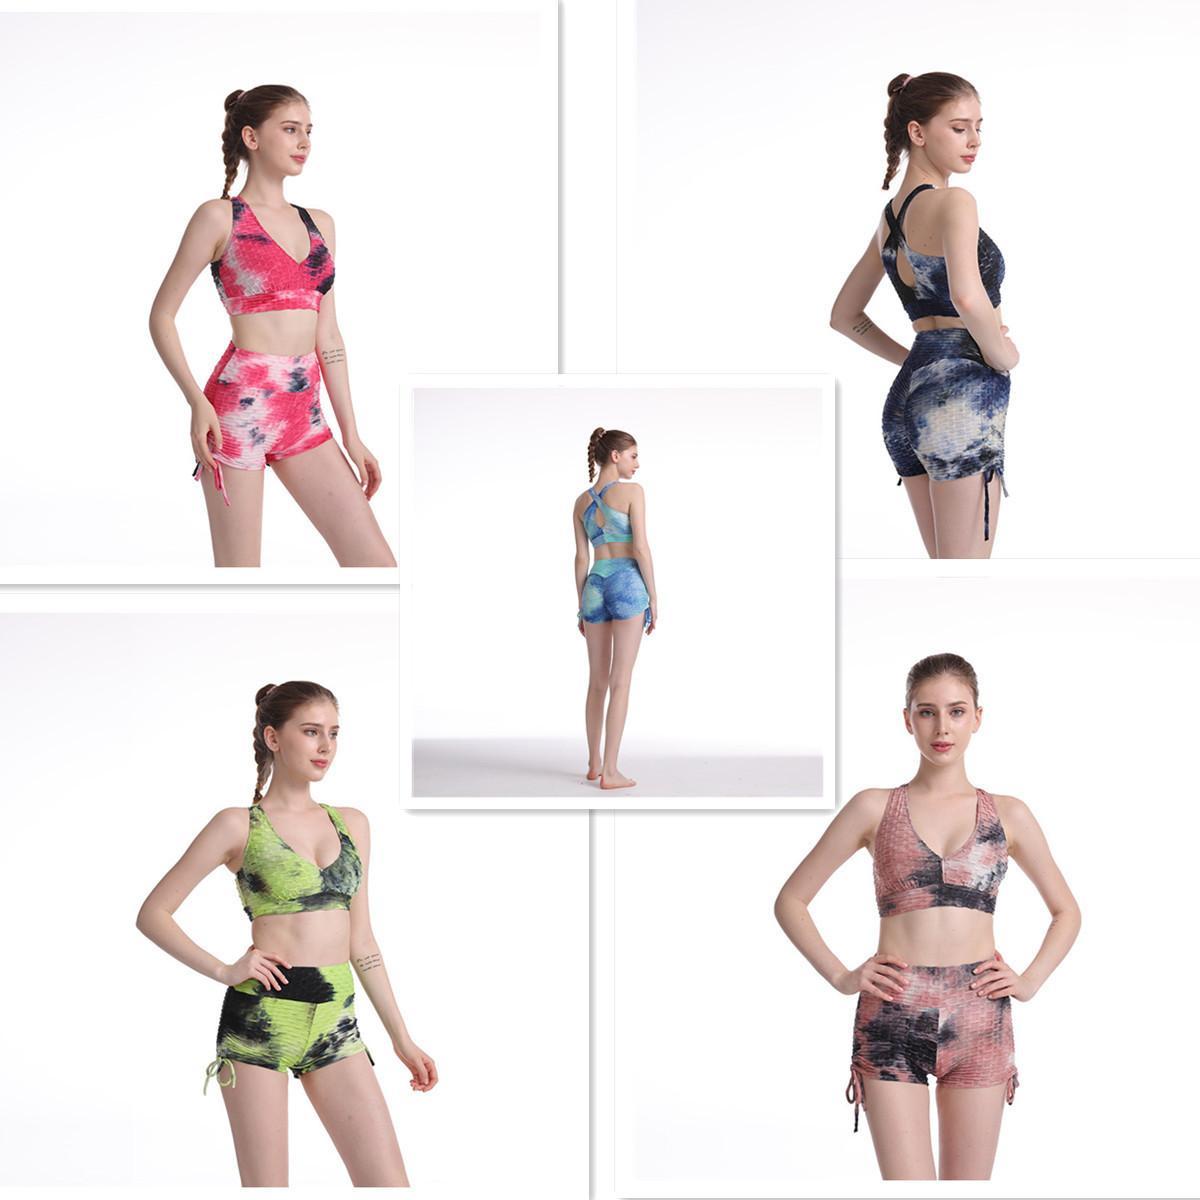 Летний новый пузырь жаккардовый жилет набор женщин йога многоцветный галстук краситель бюстгальтер короткий костюм женские дизайнеры две части трексуитов 2021